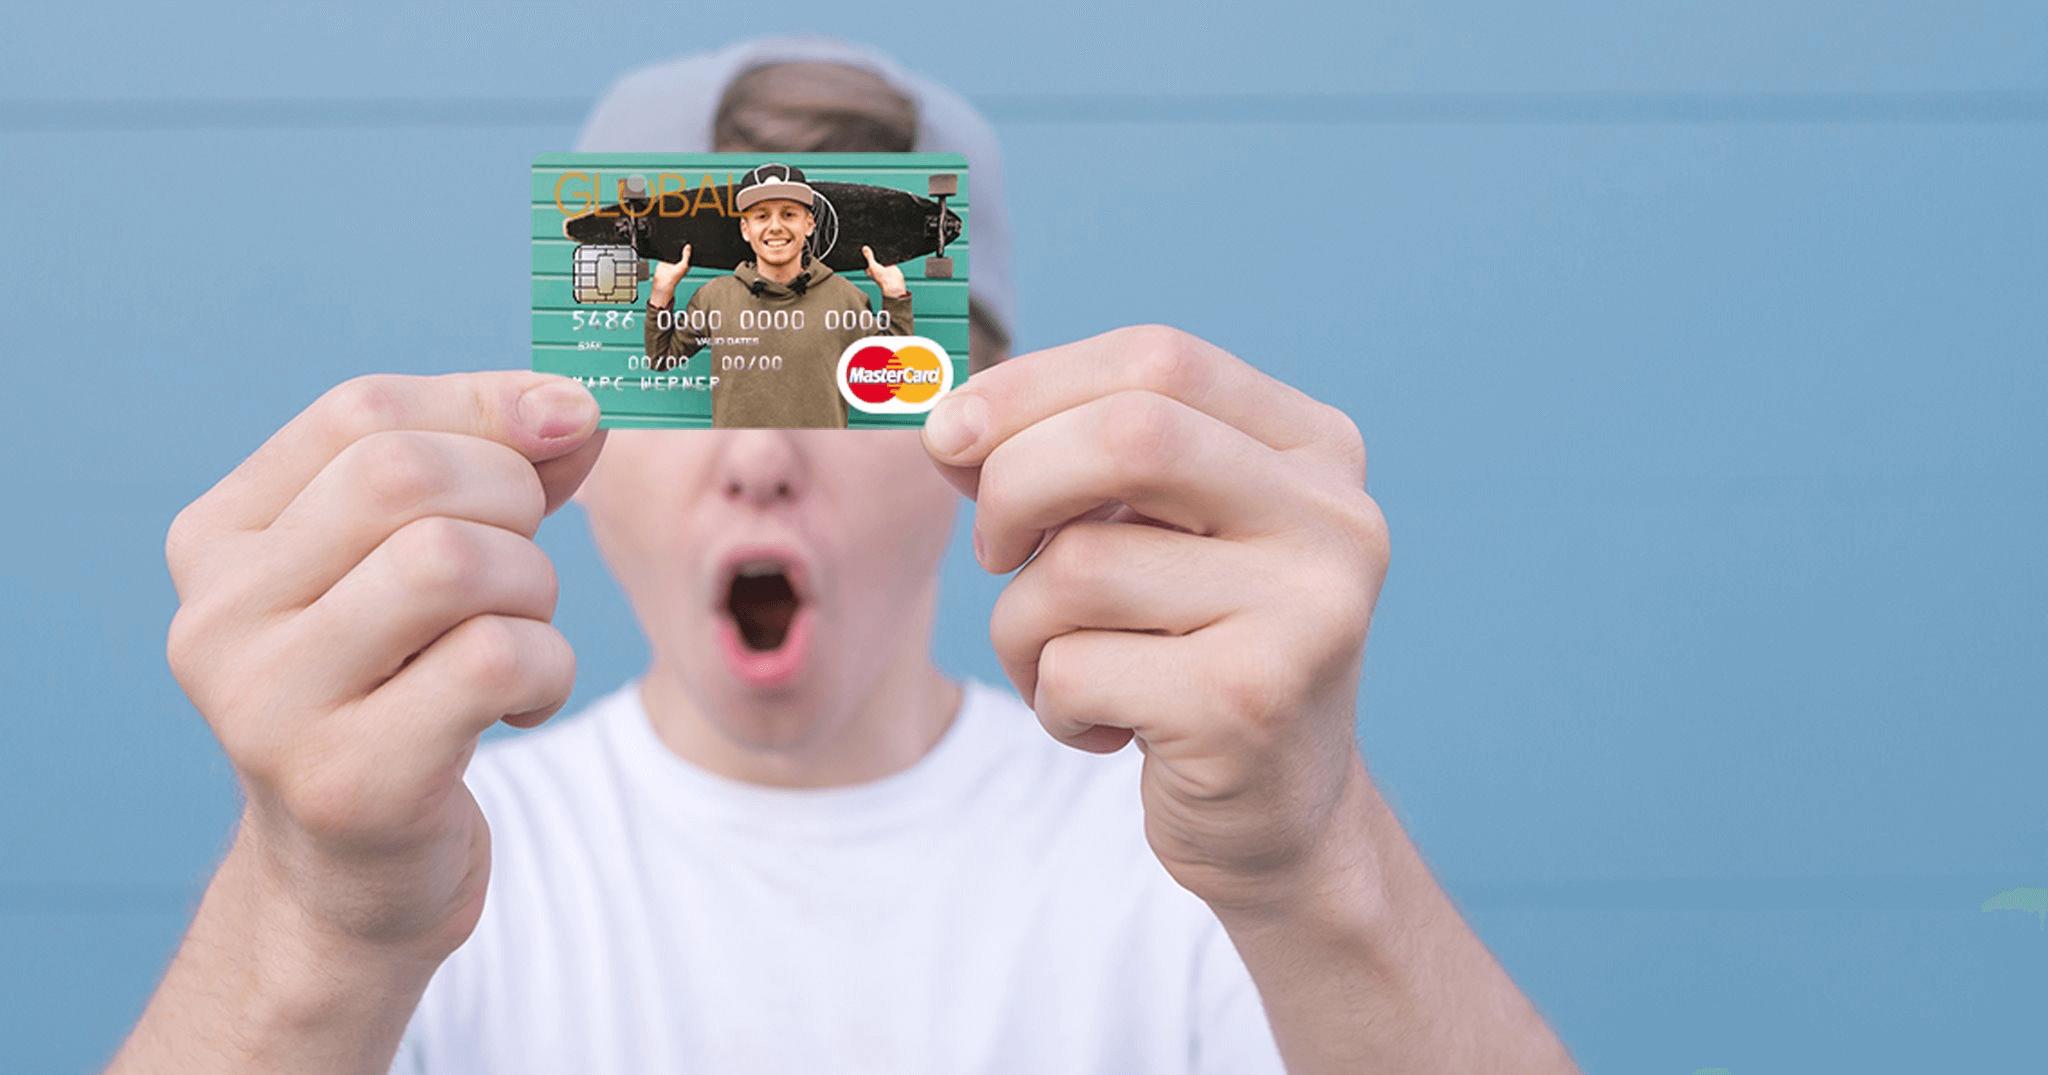 global-mastercard-mycard